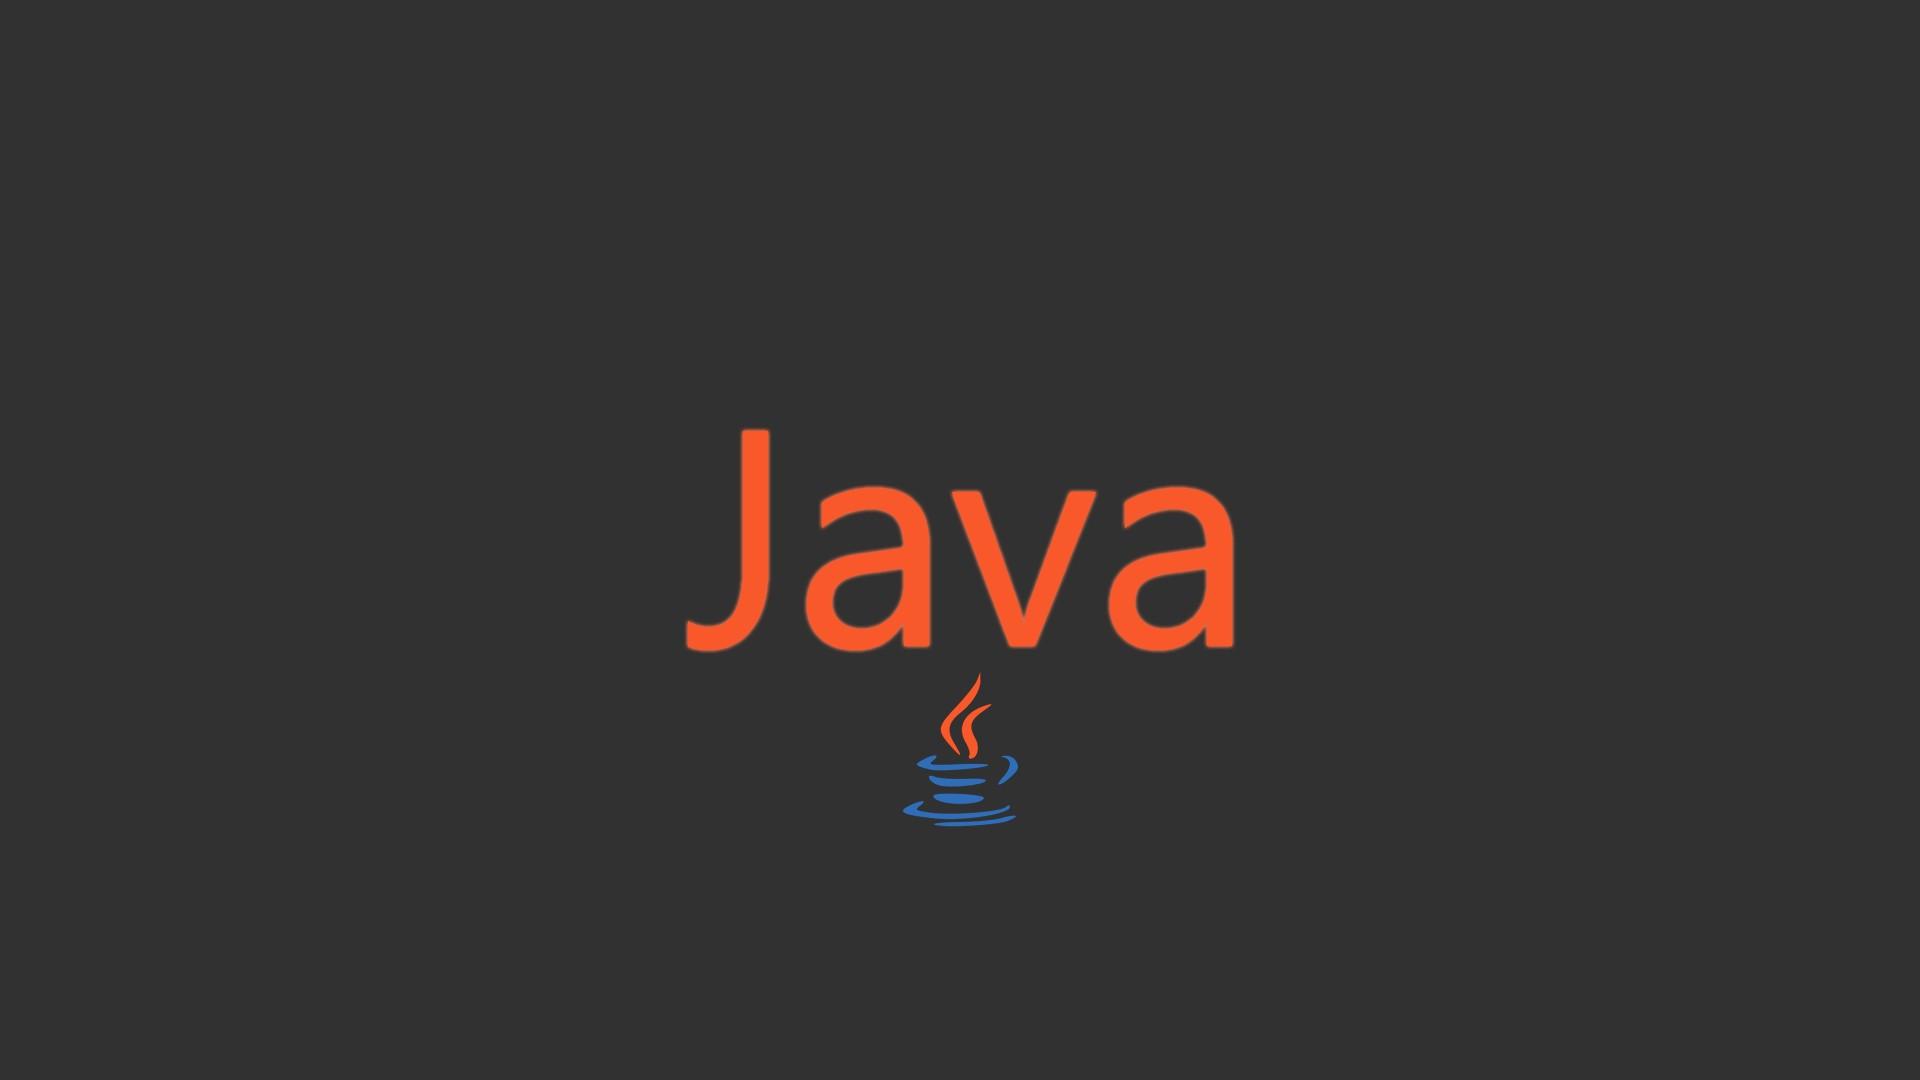 Wallpaper 1920x1080 Px Java Web Development 1920x1080